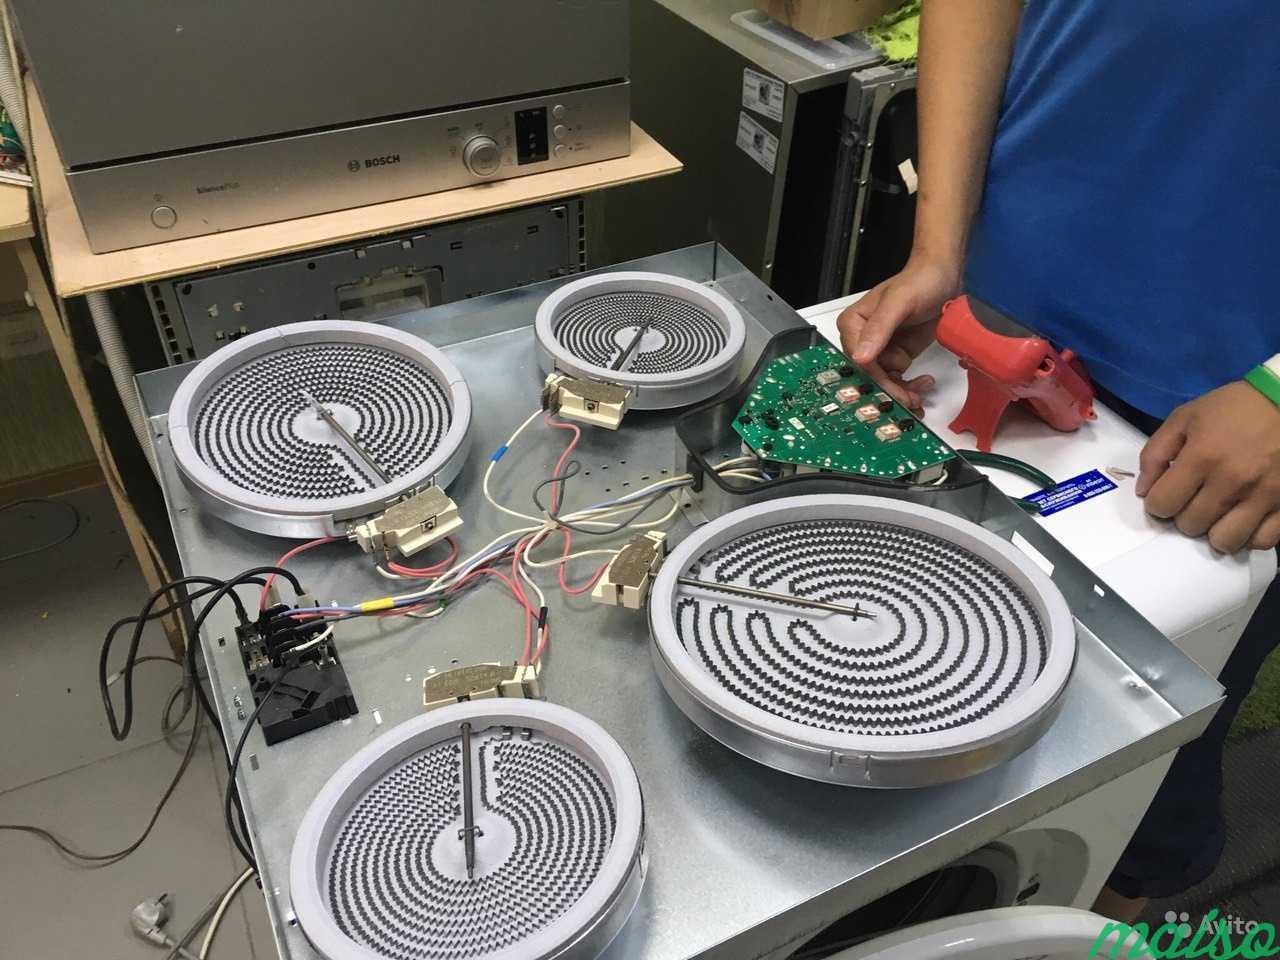 Ремонт варочной панели своими руками: руководство по устранению неисправностей электрических, индукционных и газовых поверхностей